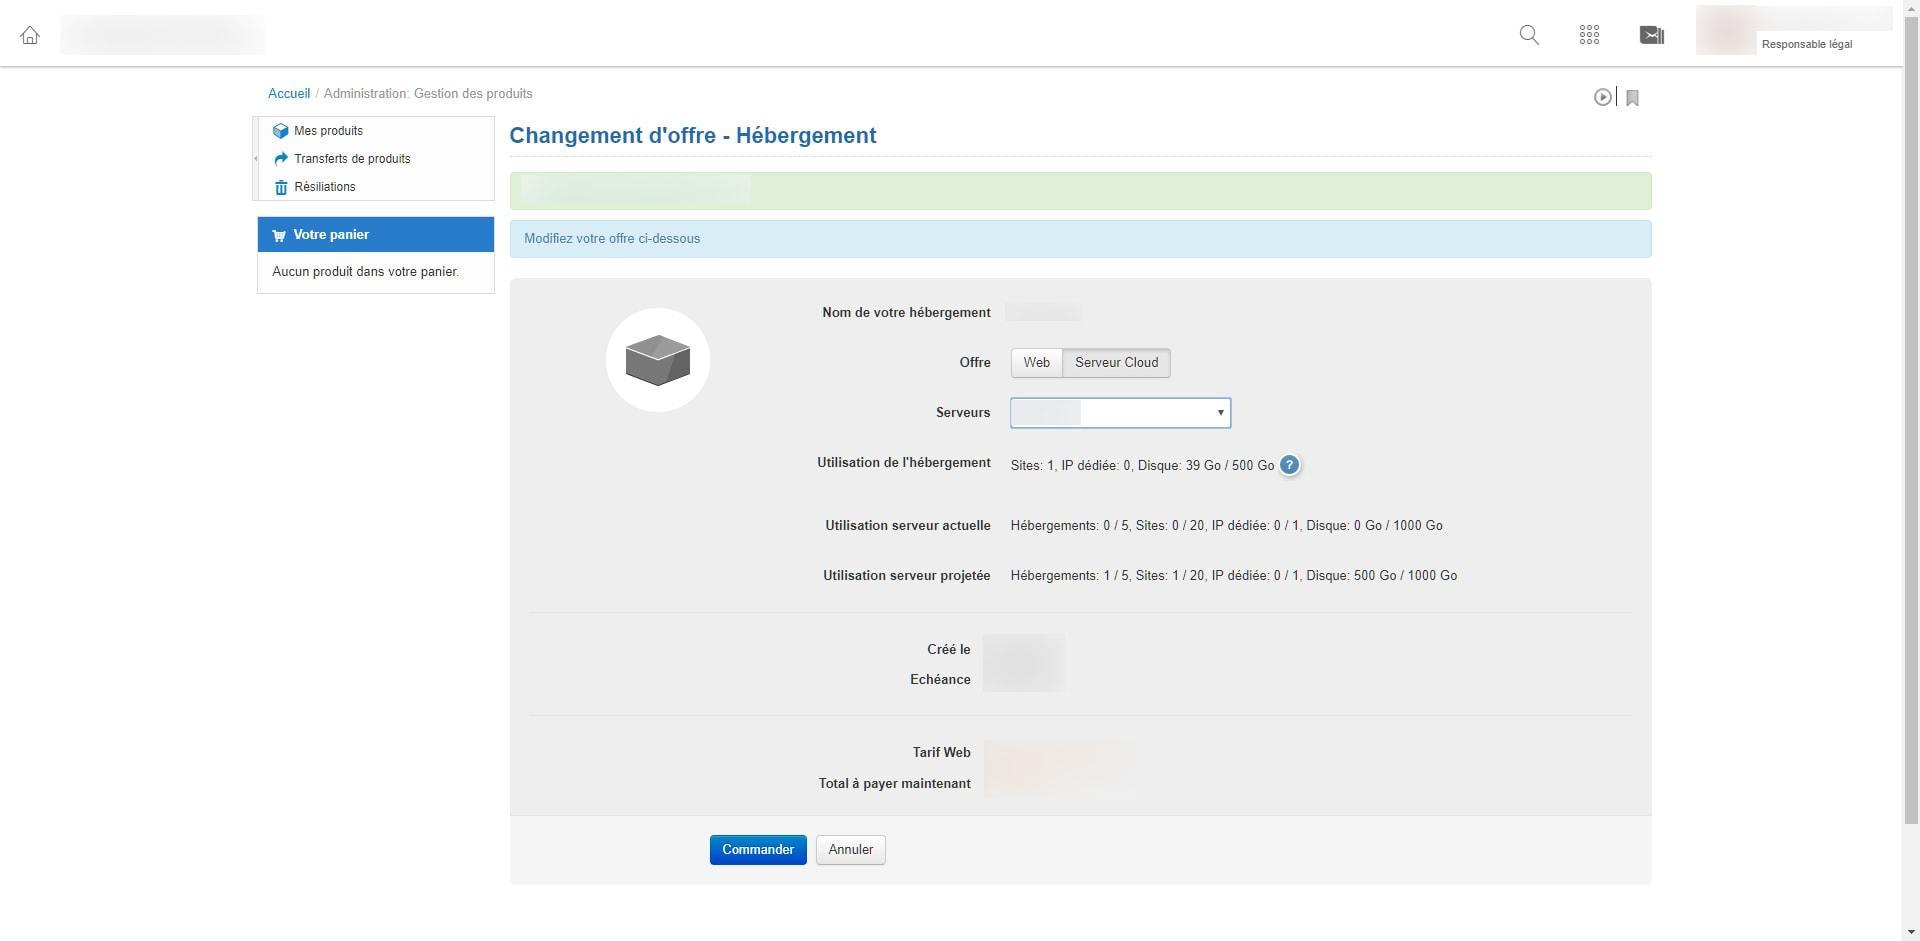 Image tuto pour migrer un hébergement web sur un serveur cloud chez infomaniak 4